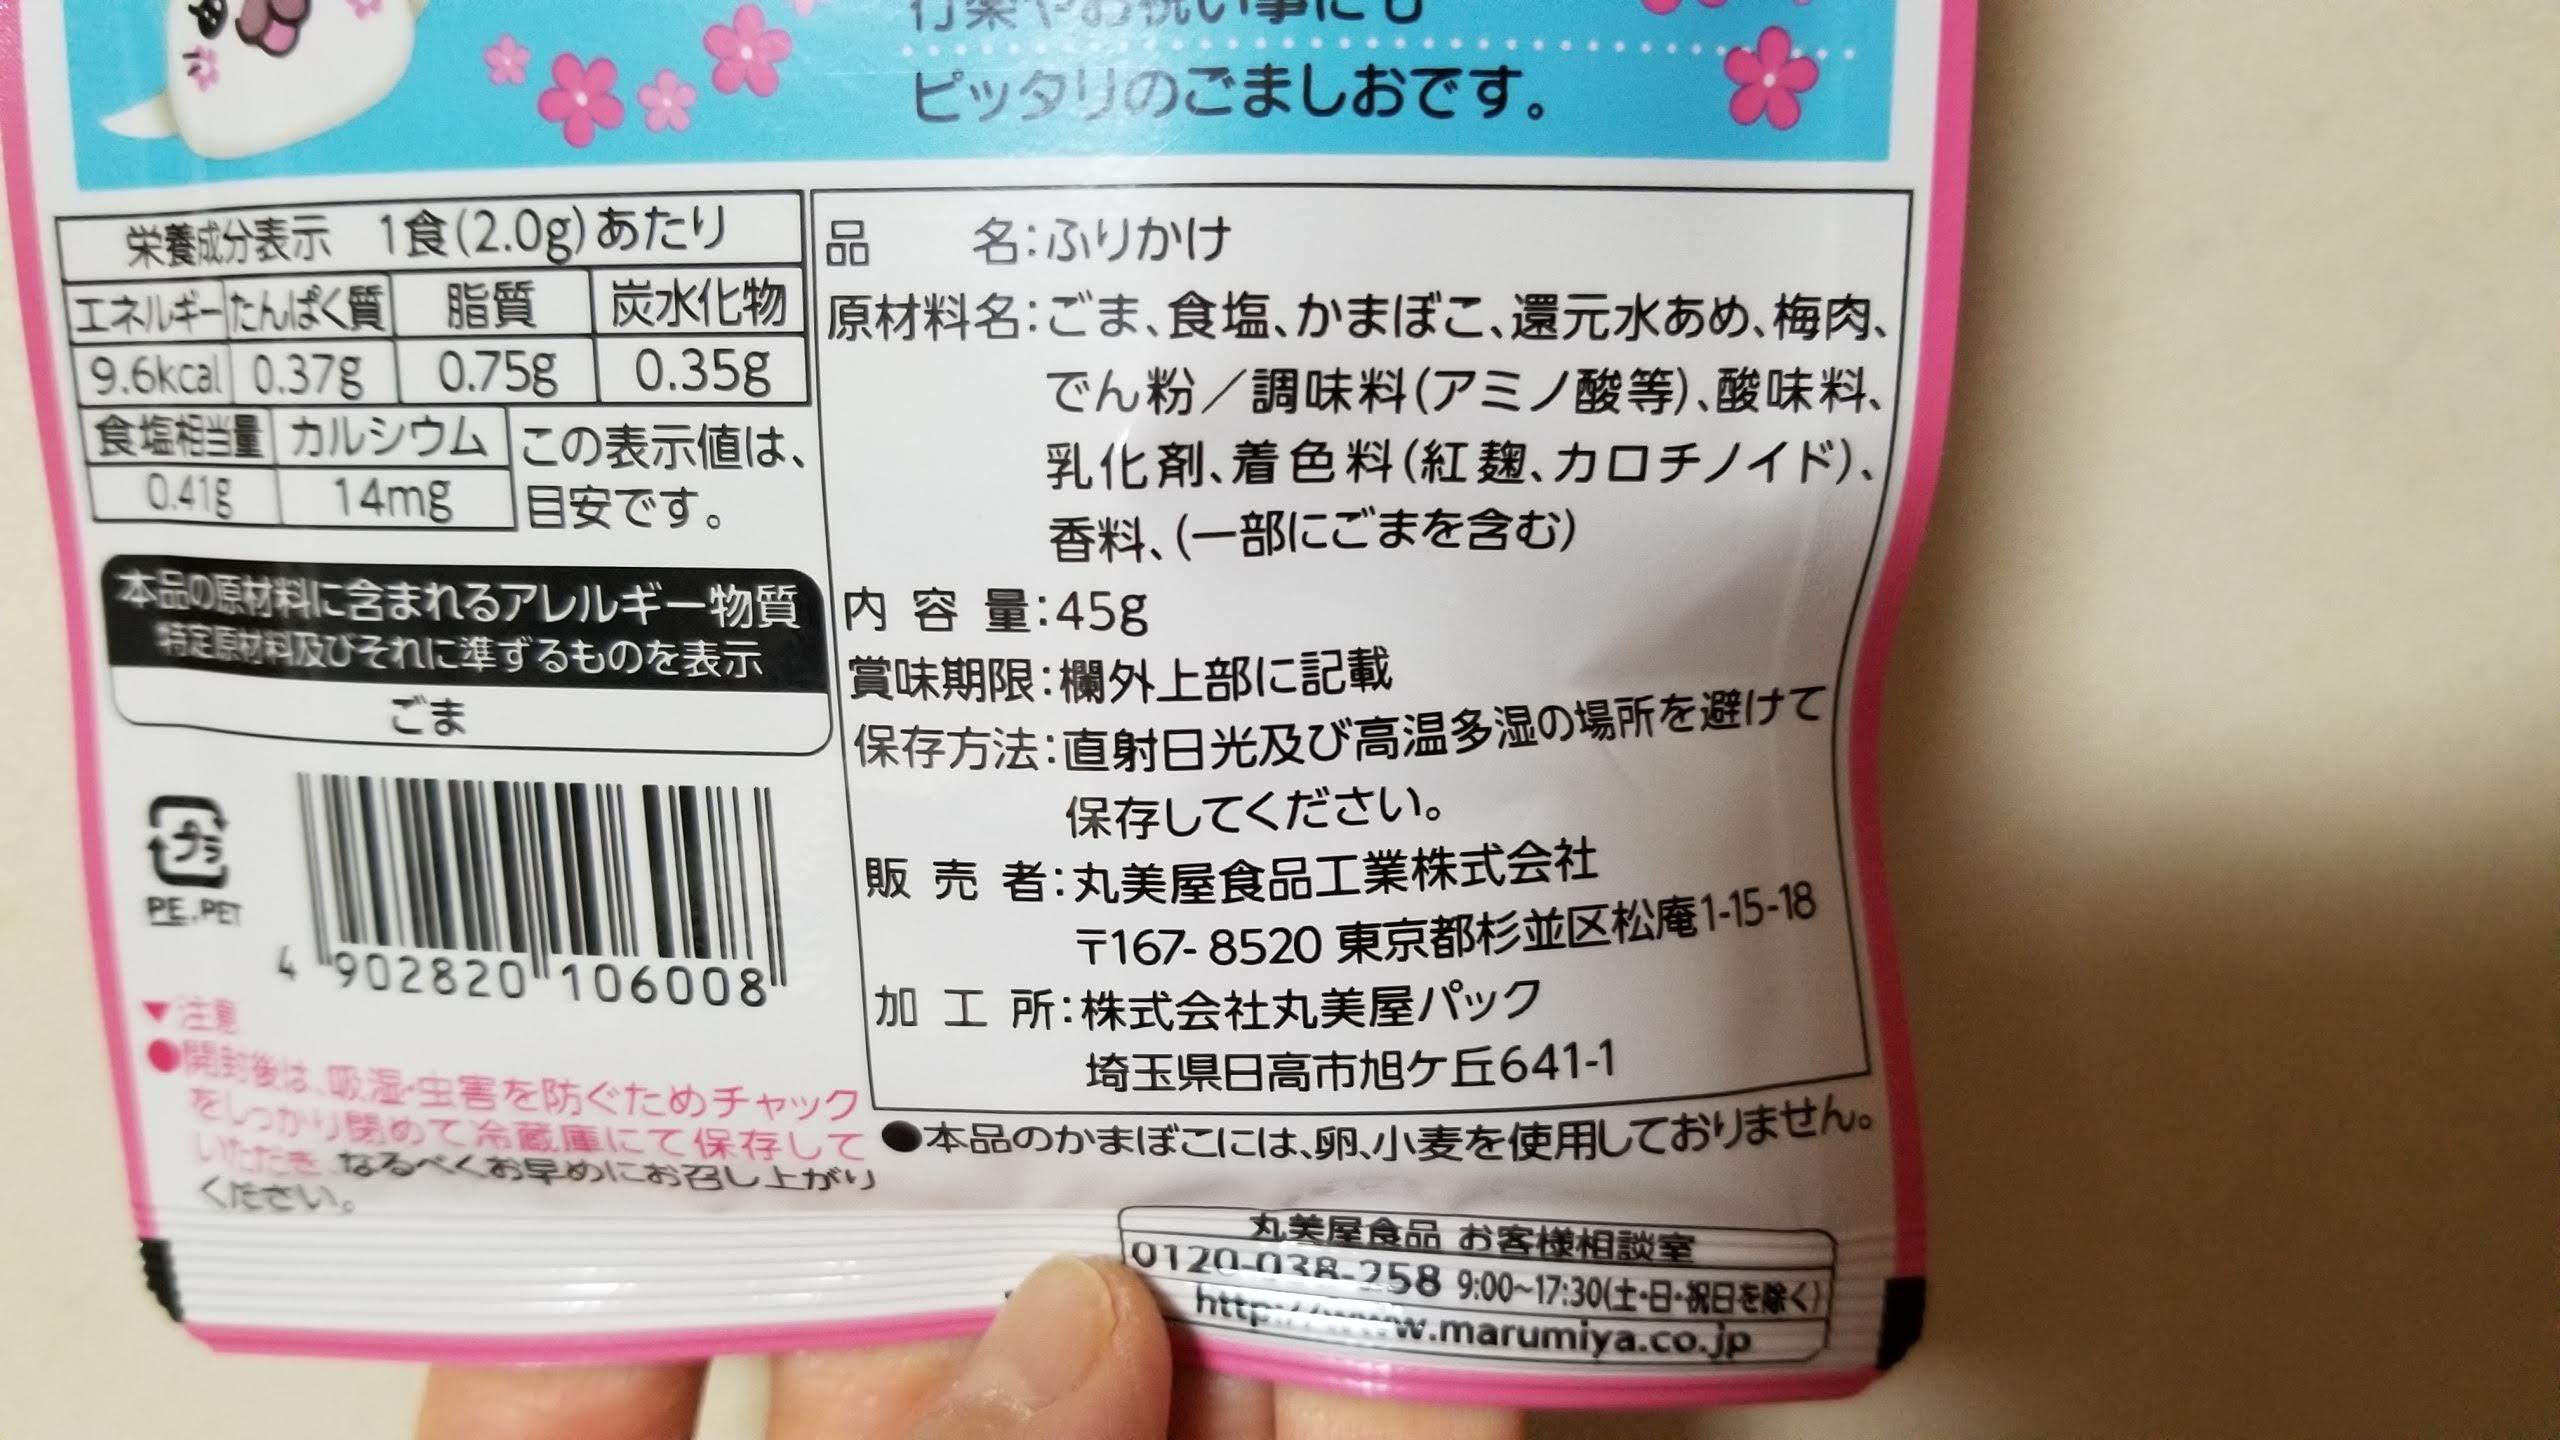 ピンクの梅ごましお/丸美屋_20200429_184453